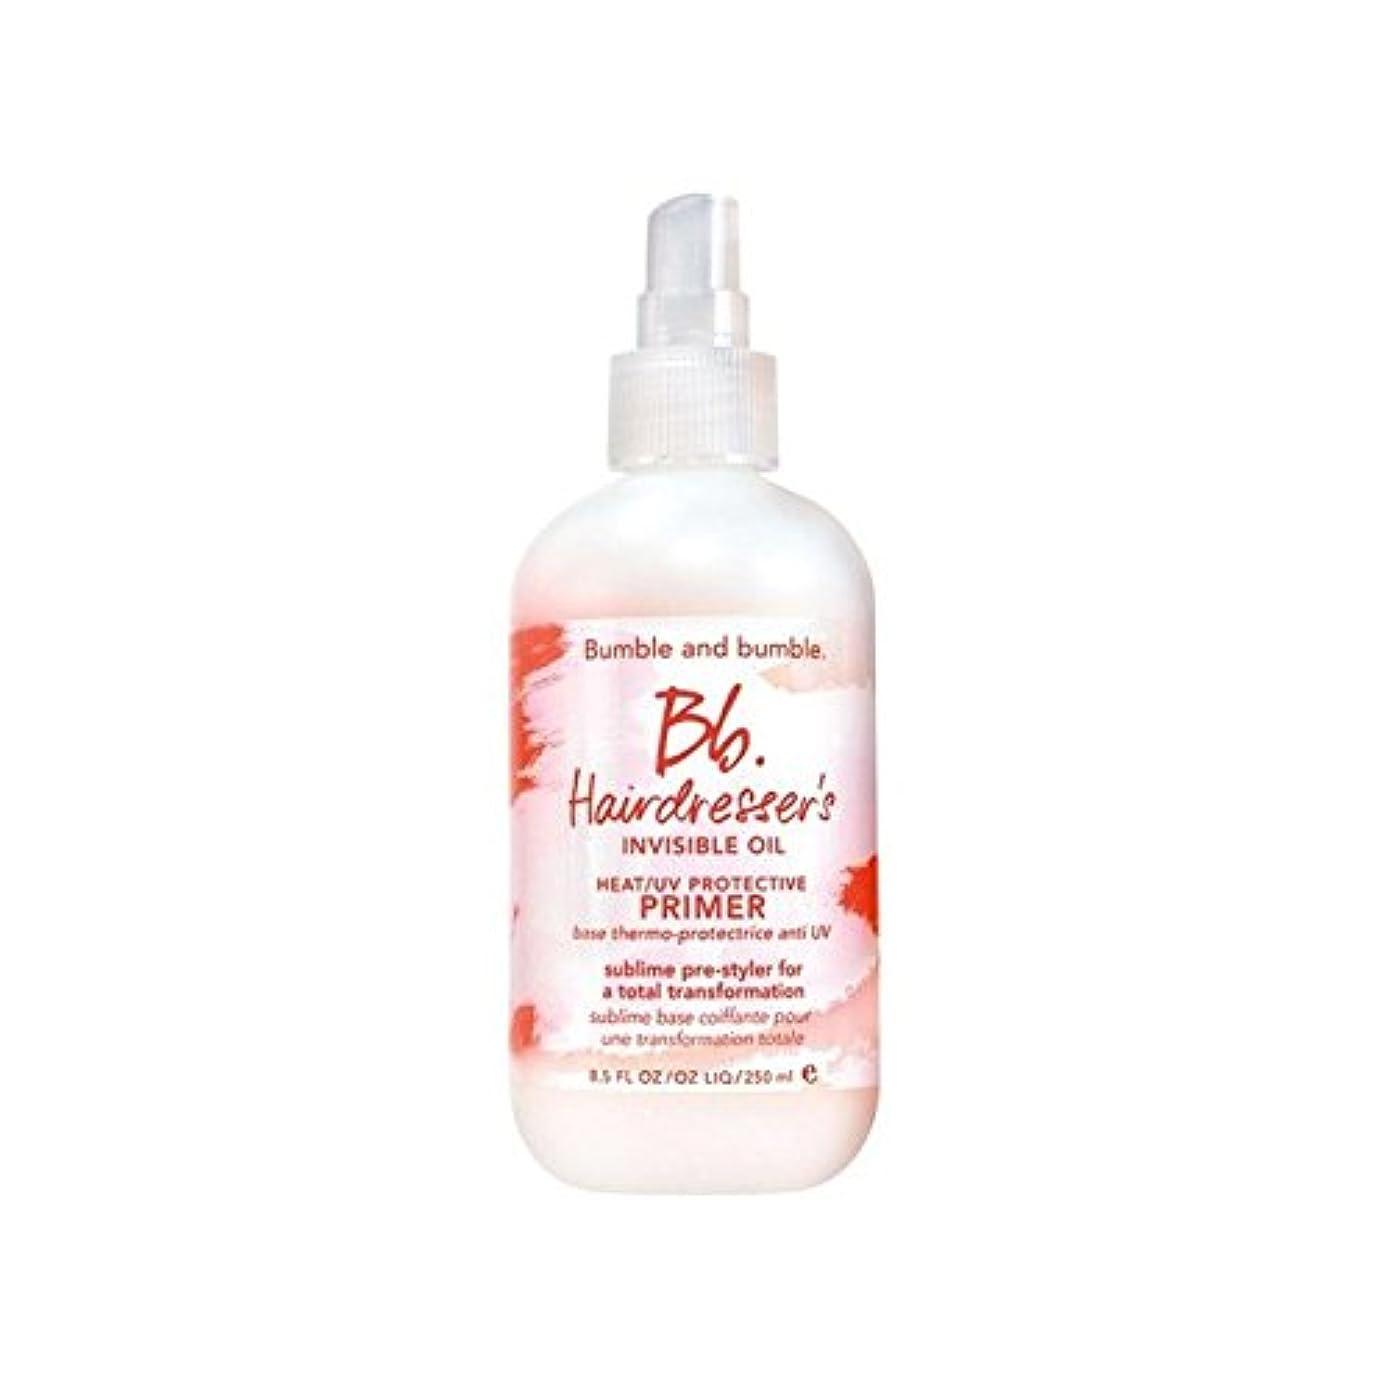 雄弁なぼんやりした家具Bumble & Bumble Hairdressers Invisible Oil Heat/Uv Protective Primer (250ml) - 美容見えないオイル熱/ 保護プライマー(250ミリリットル)...